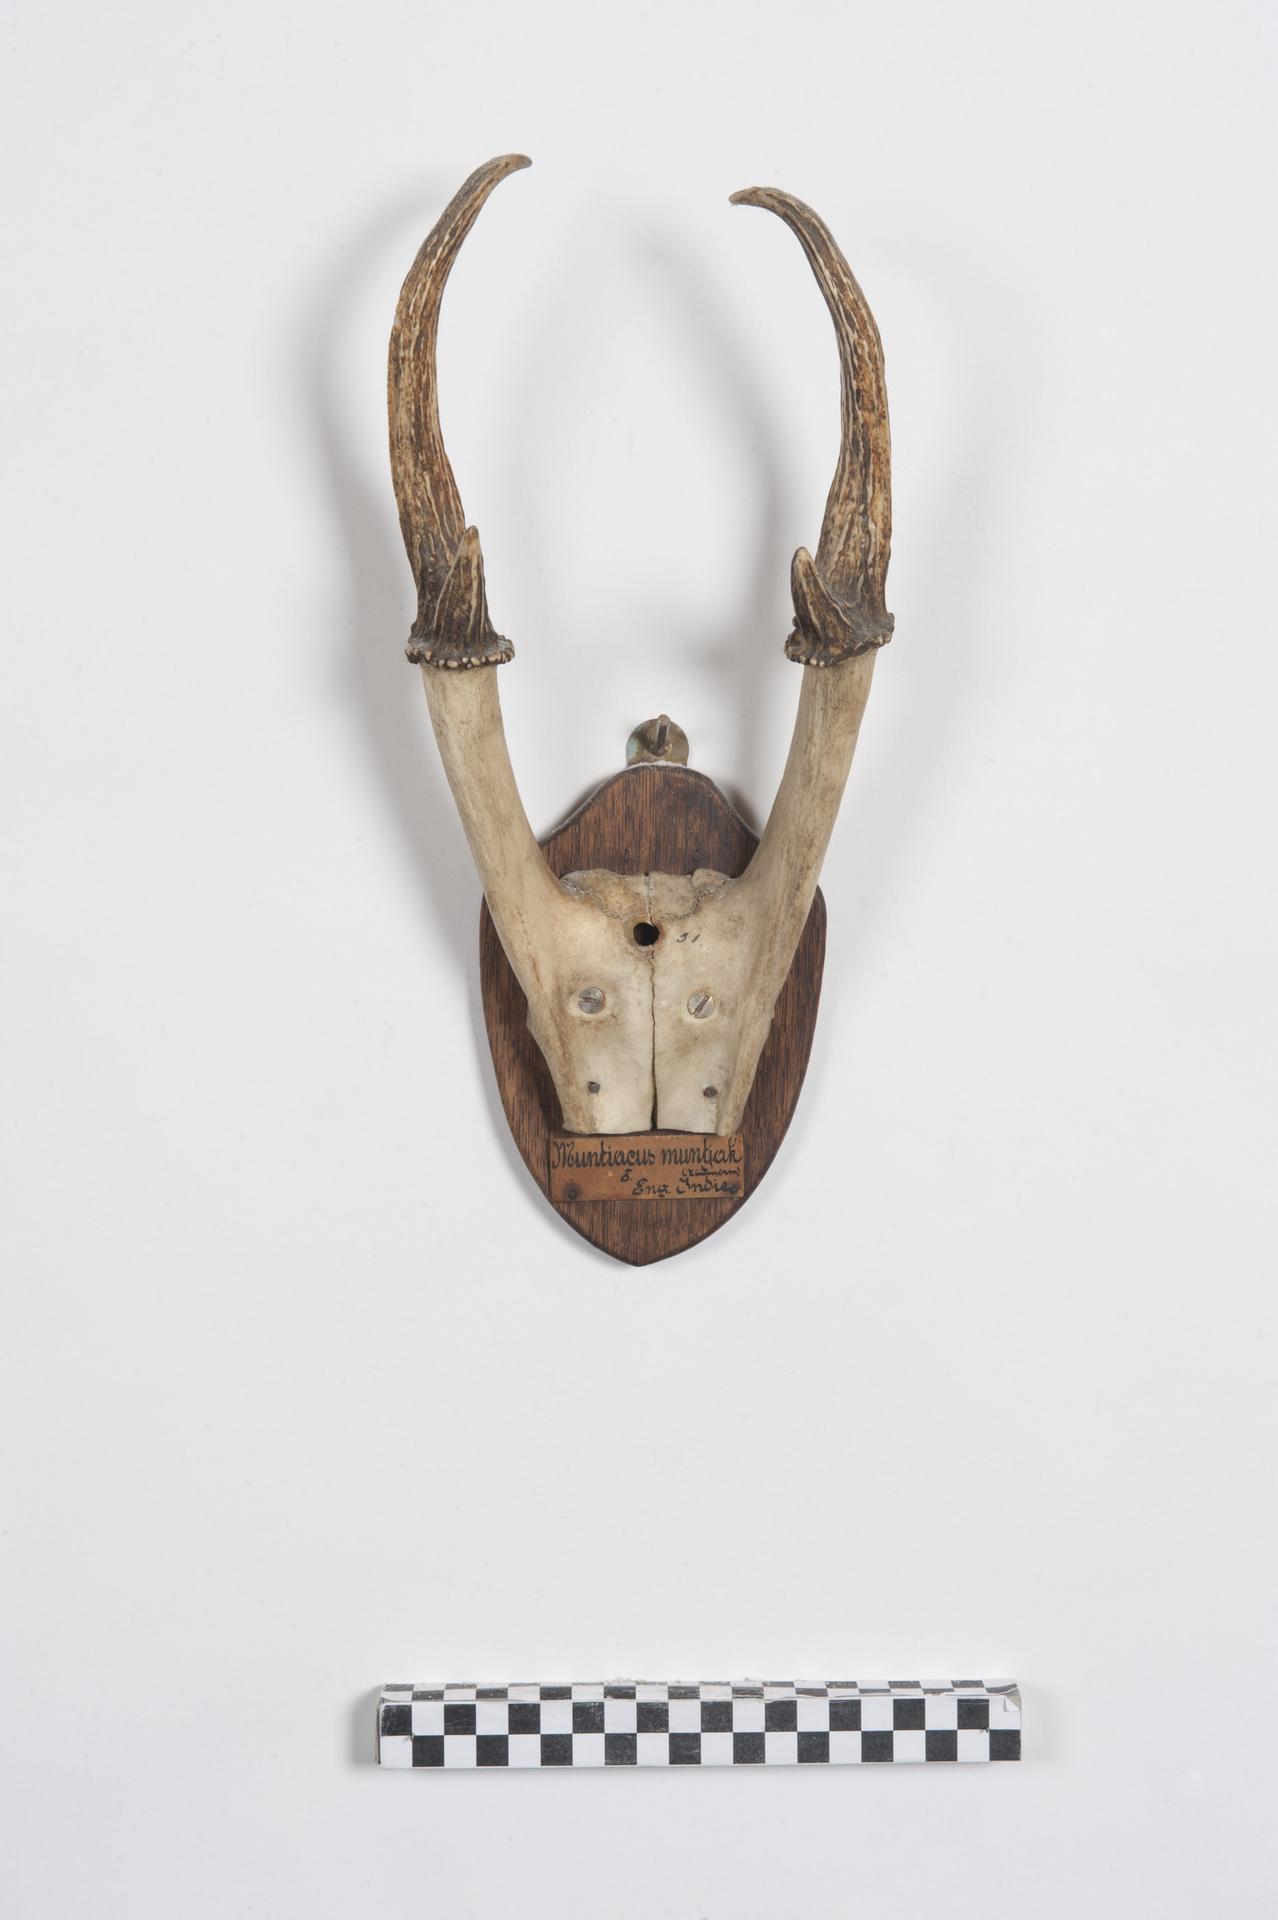 RMNH.MAM.59190 | Muntiacus muntjak Zimmermann, 1780